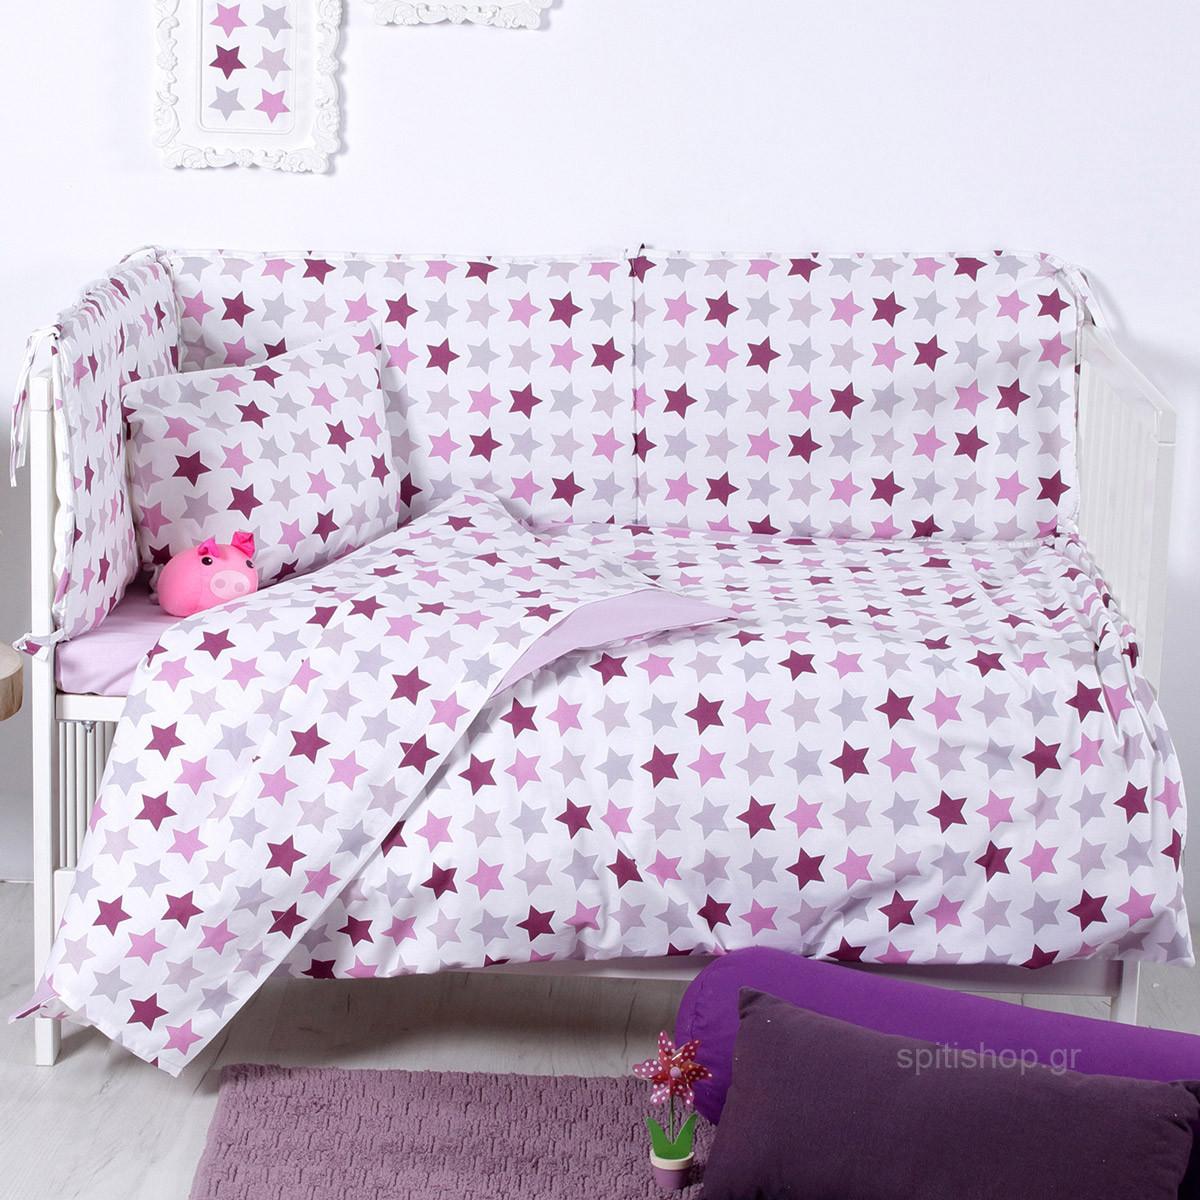 Παπλωματοθήκη Κούνιας (Σετ) Sb Home Baby Stars Lilac